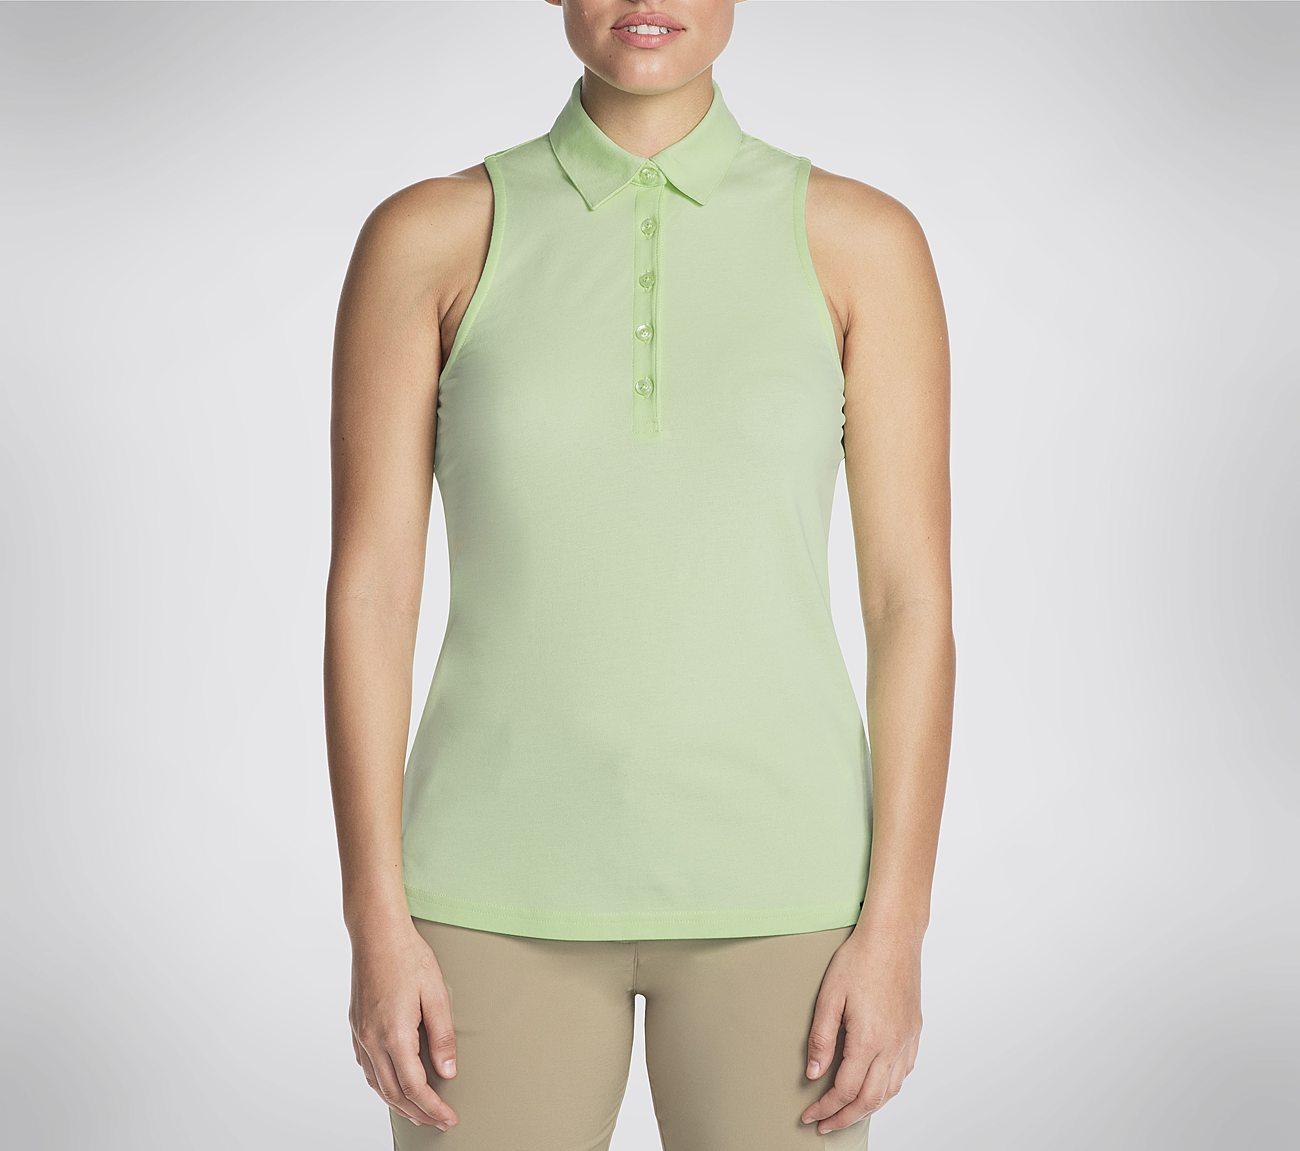 Women's Skechers GO GOLF Comfort Swing Sleeveless Polo Shirt